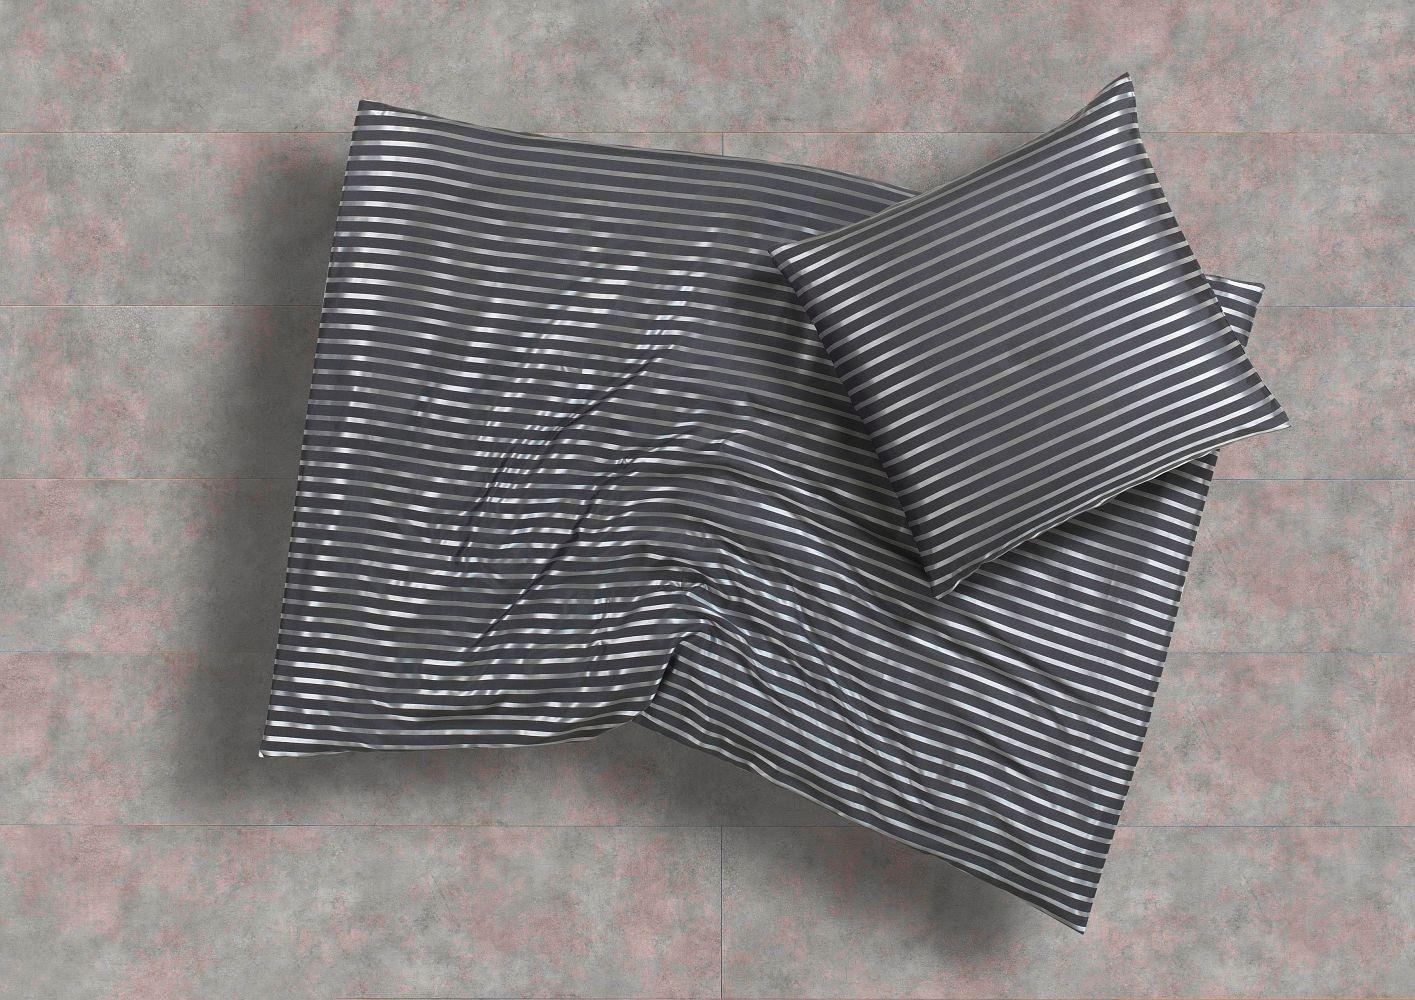 silk-bedware-cellini-design-seidenbettwaesche-023 #Silk pillow case, bedsheet and duvet cover made in Germany by #Cellini Design. Custom sizes possible. #Seidenbettwäsche aus reiner #Seide von #Spinnhütte Cellini Design aus Deutschland.